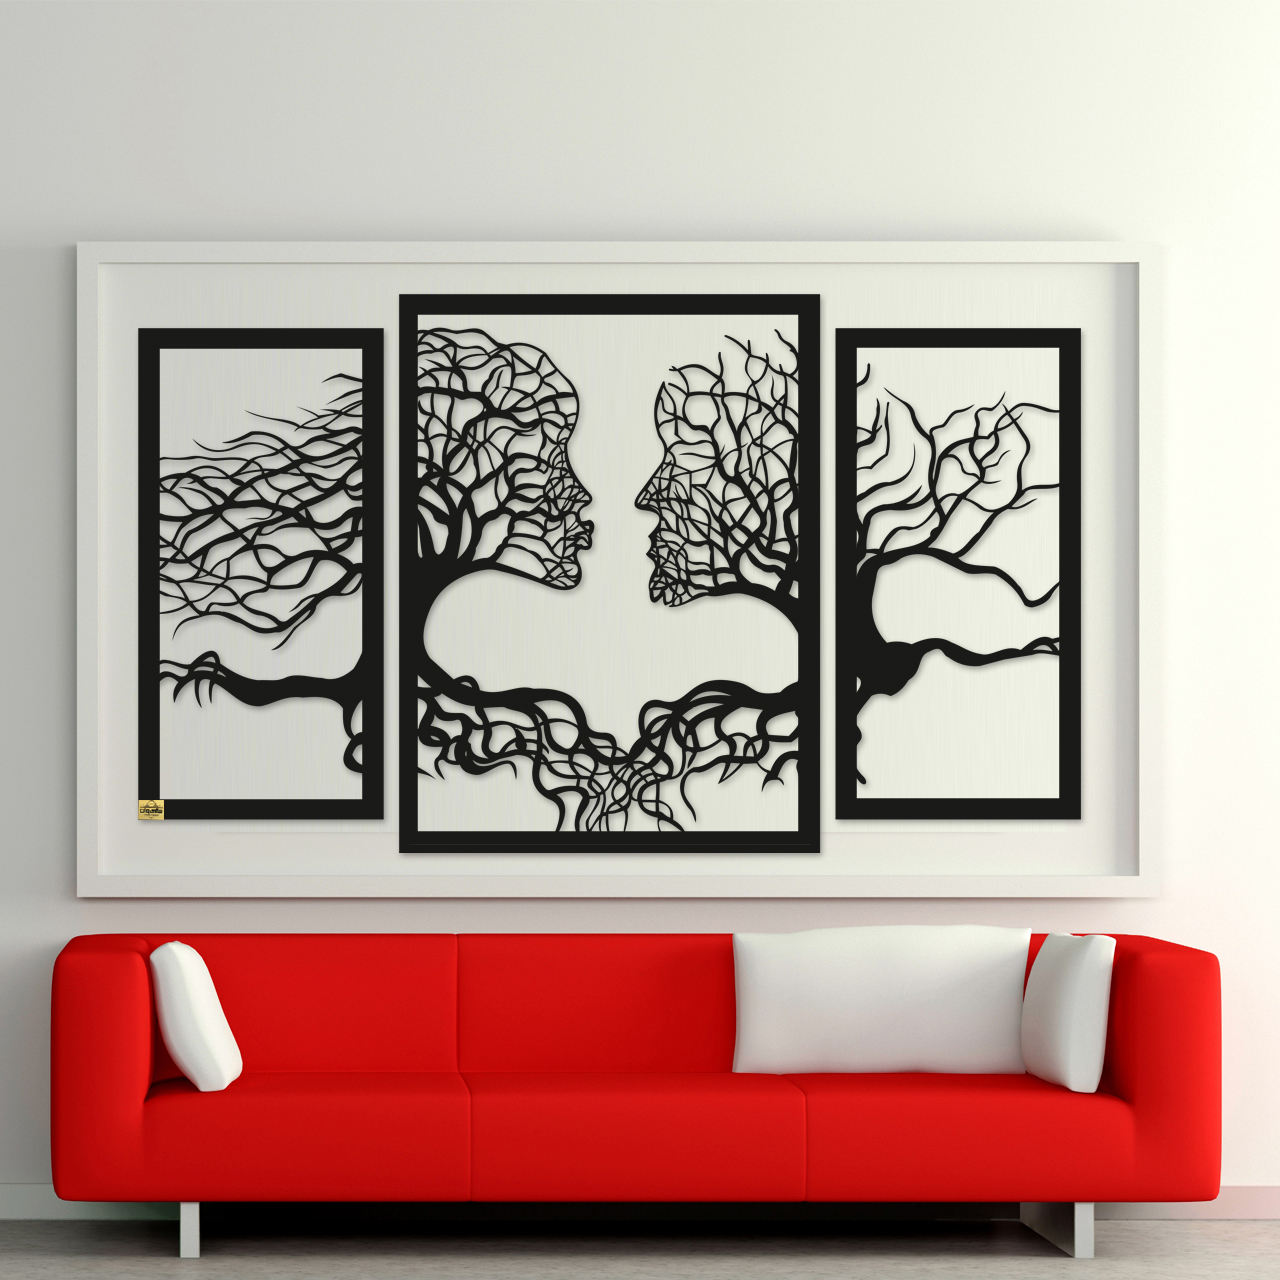 دیوارکوب سالی وان مدل Tree Life مجموعه 3 عددی